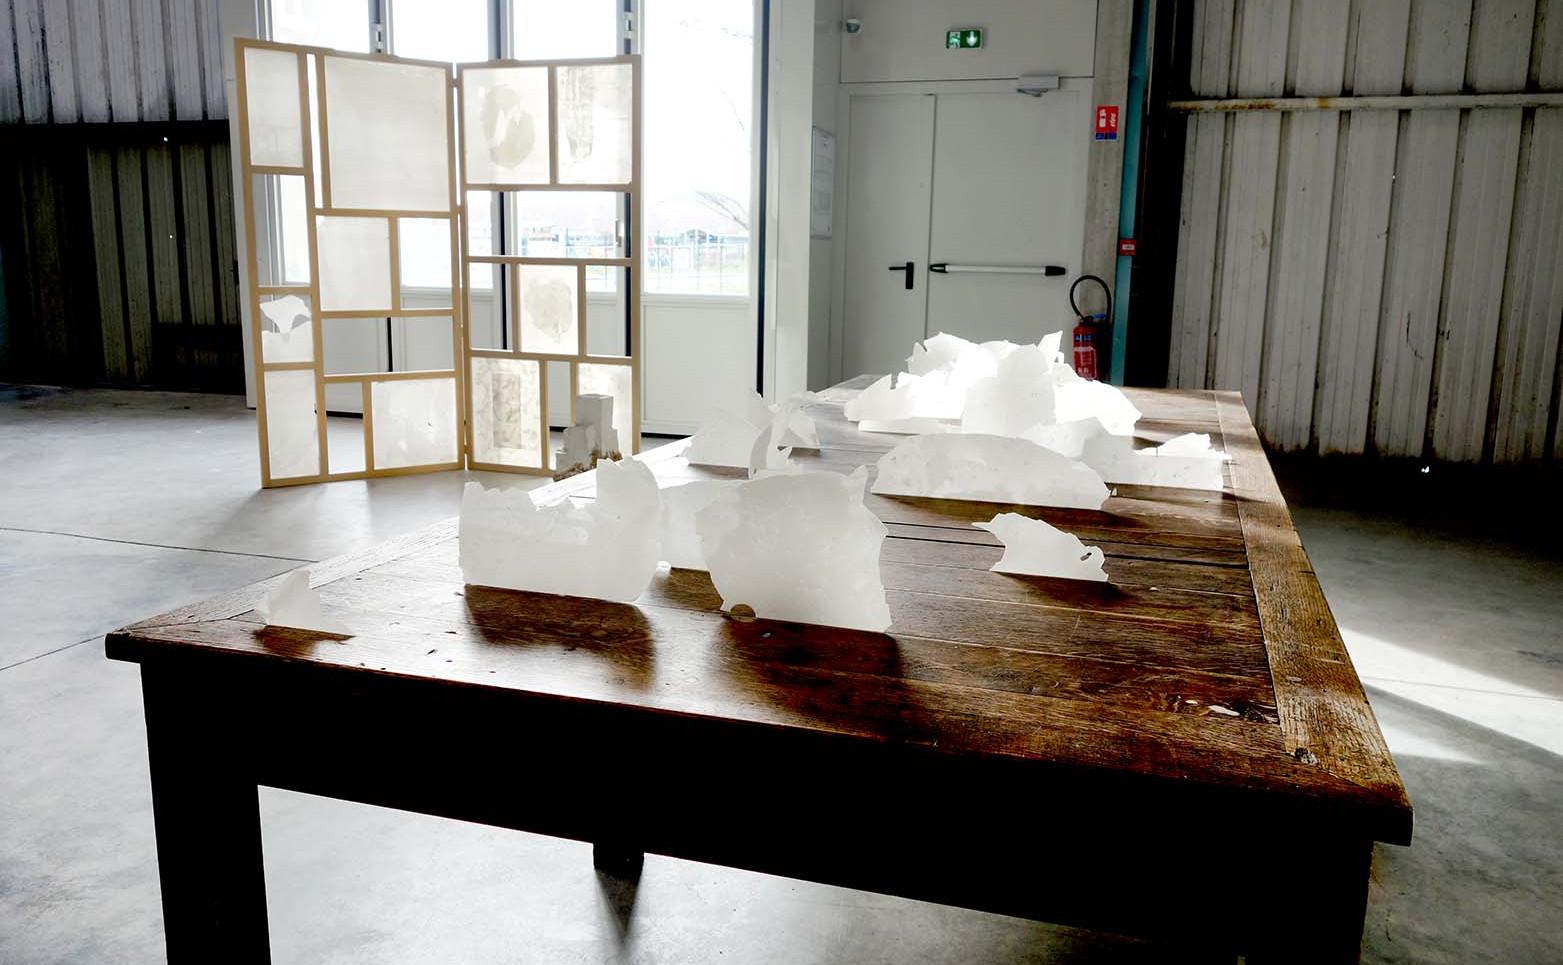 NICOLAS H. MULLER Paysage mental, 2020 Temps, bois, porcelaine 200 x 15 x 25 cm.